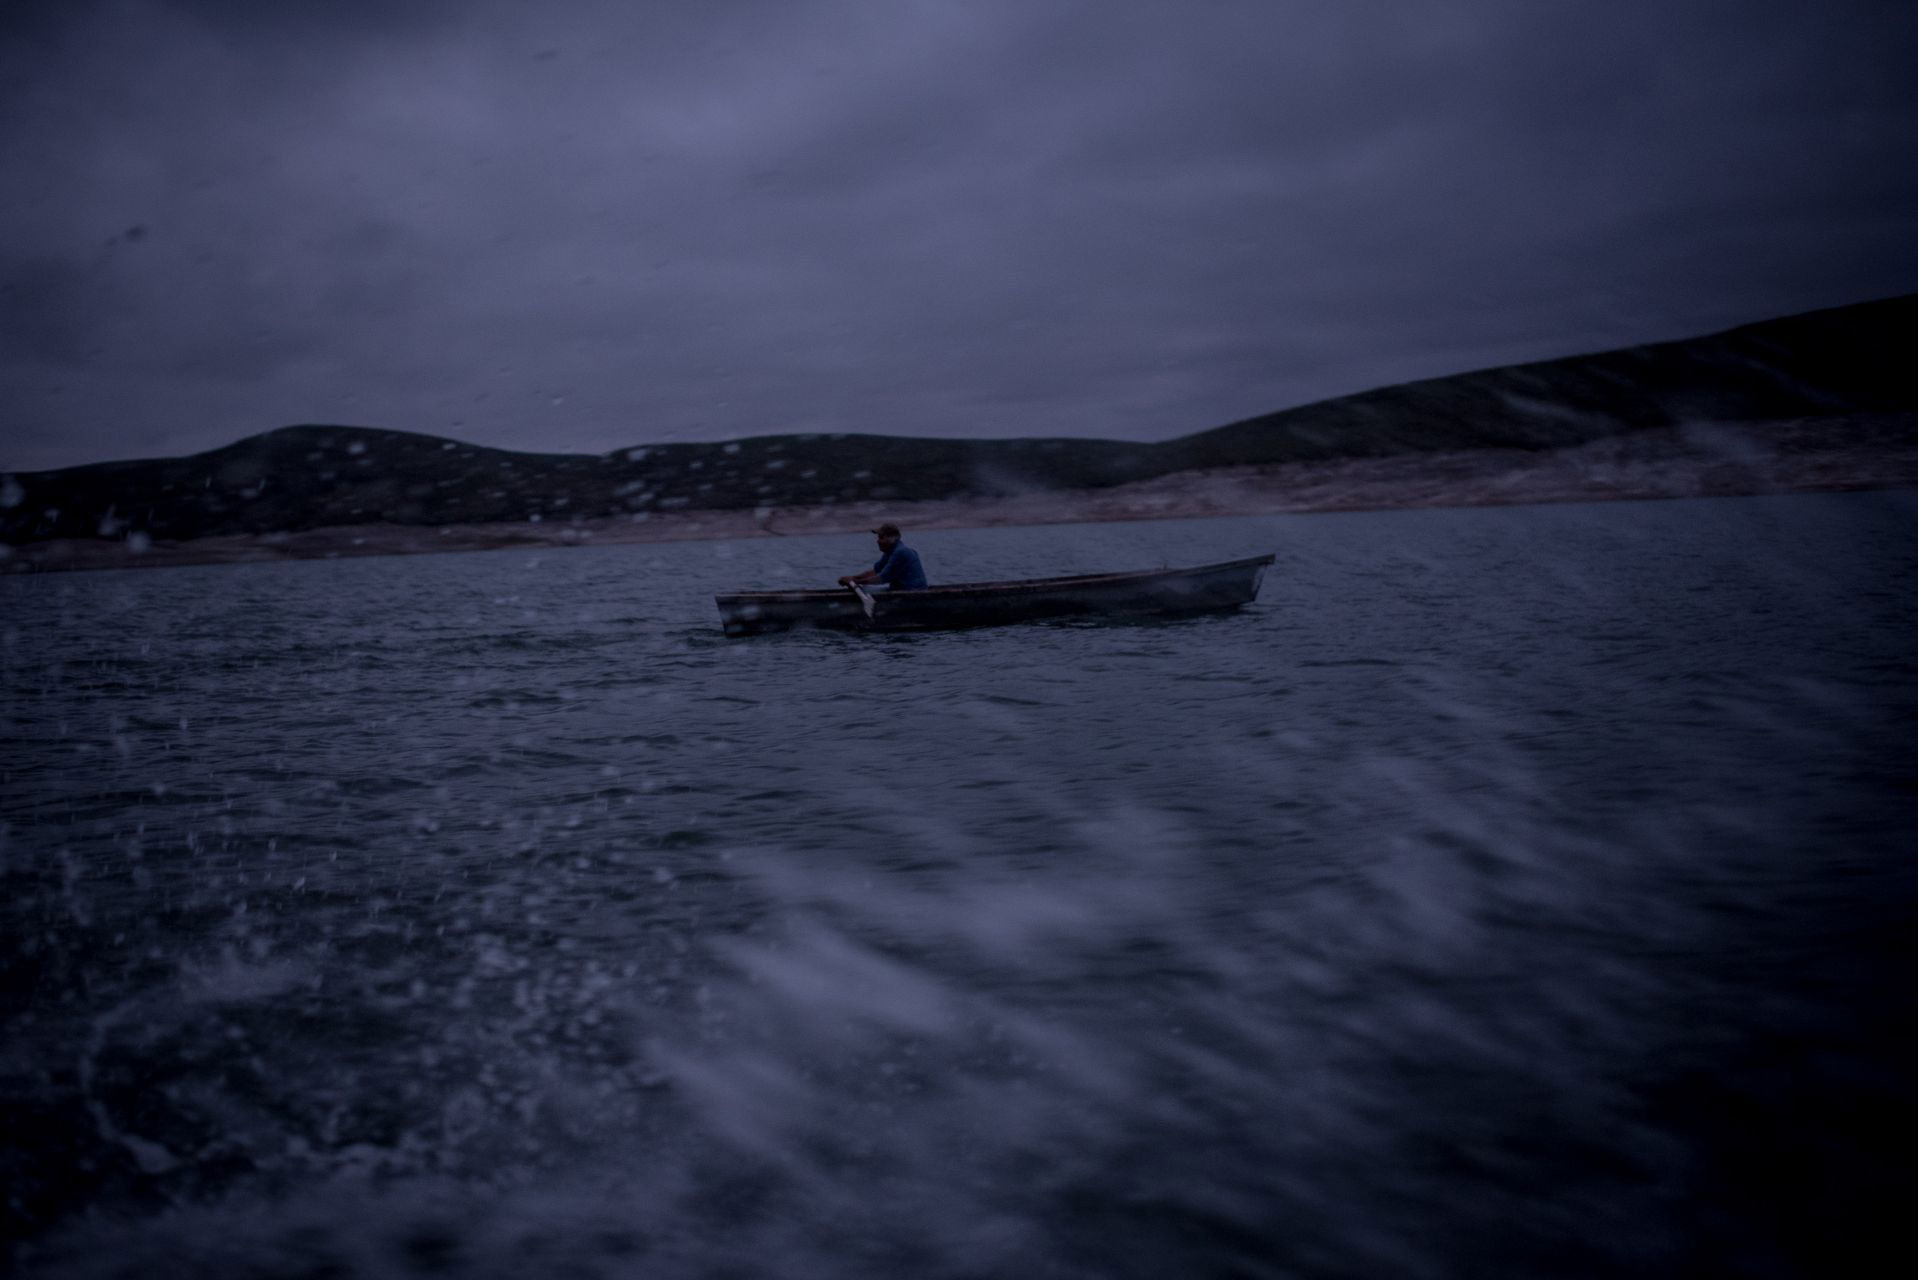 Un pescador avanza al despuntar el día en la presa